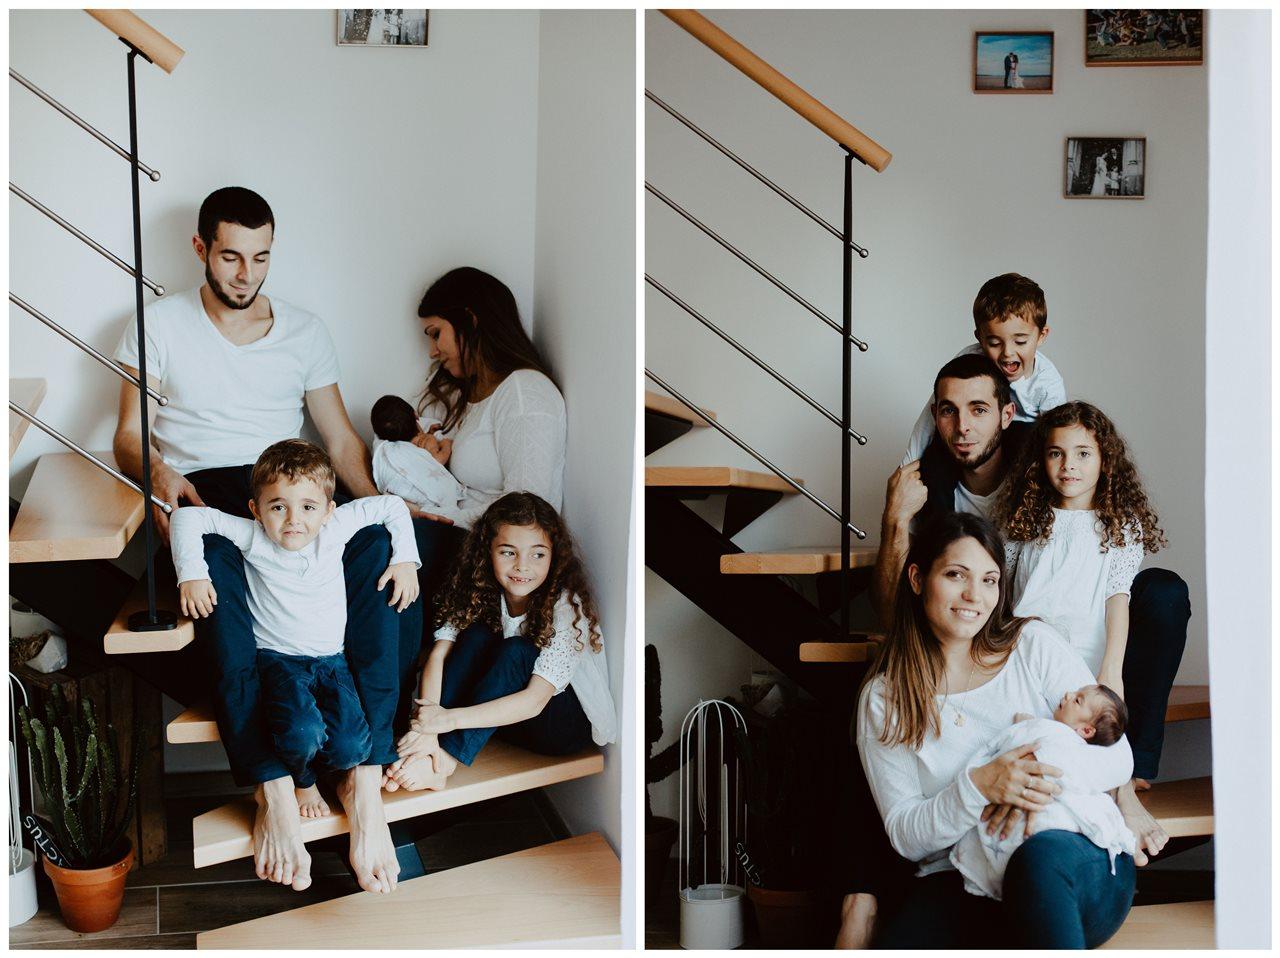 séance famille nouveau-né lifestyle portrait parents enfants escalier